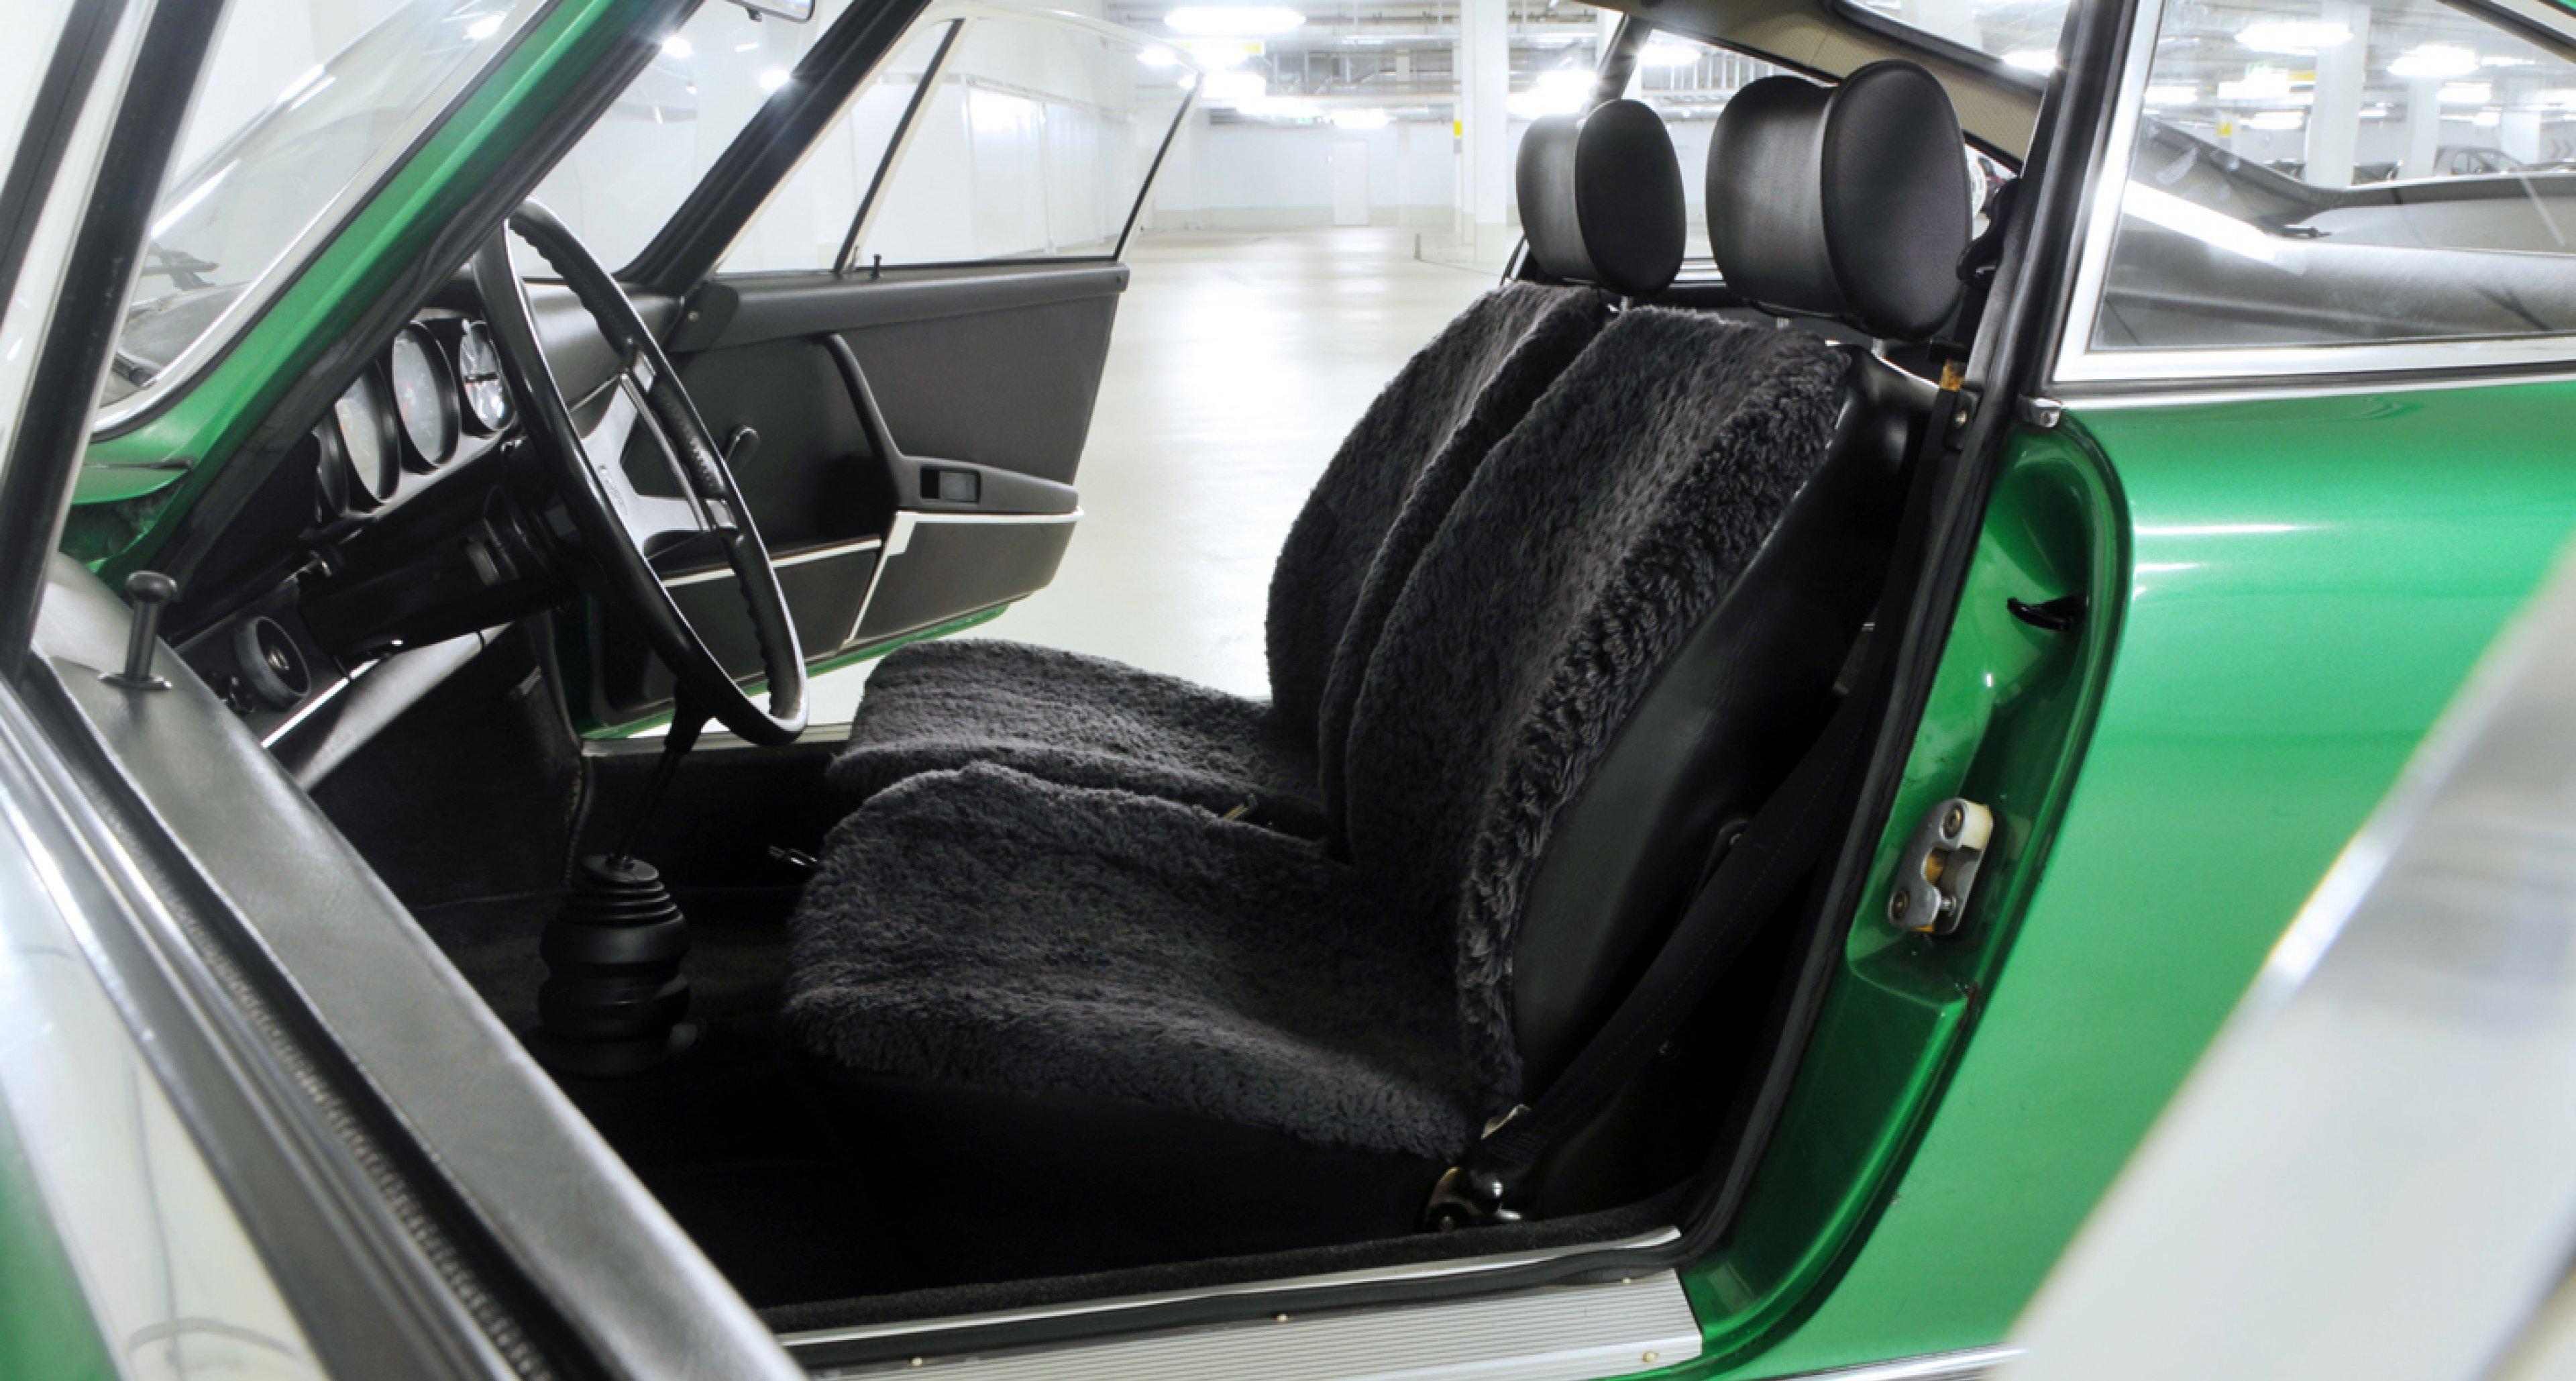 1972 Porsche 911 S 2,4 Coupé Sportomatic.